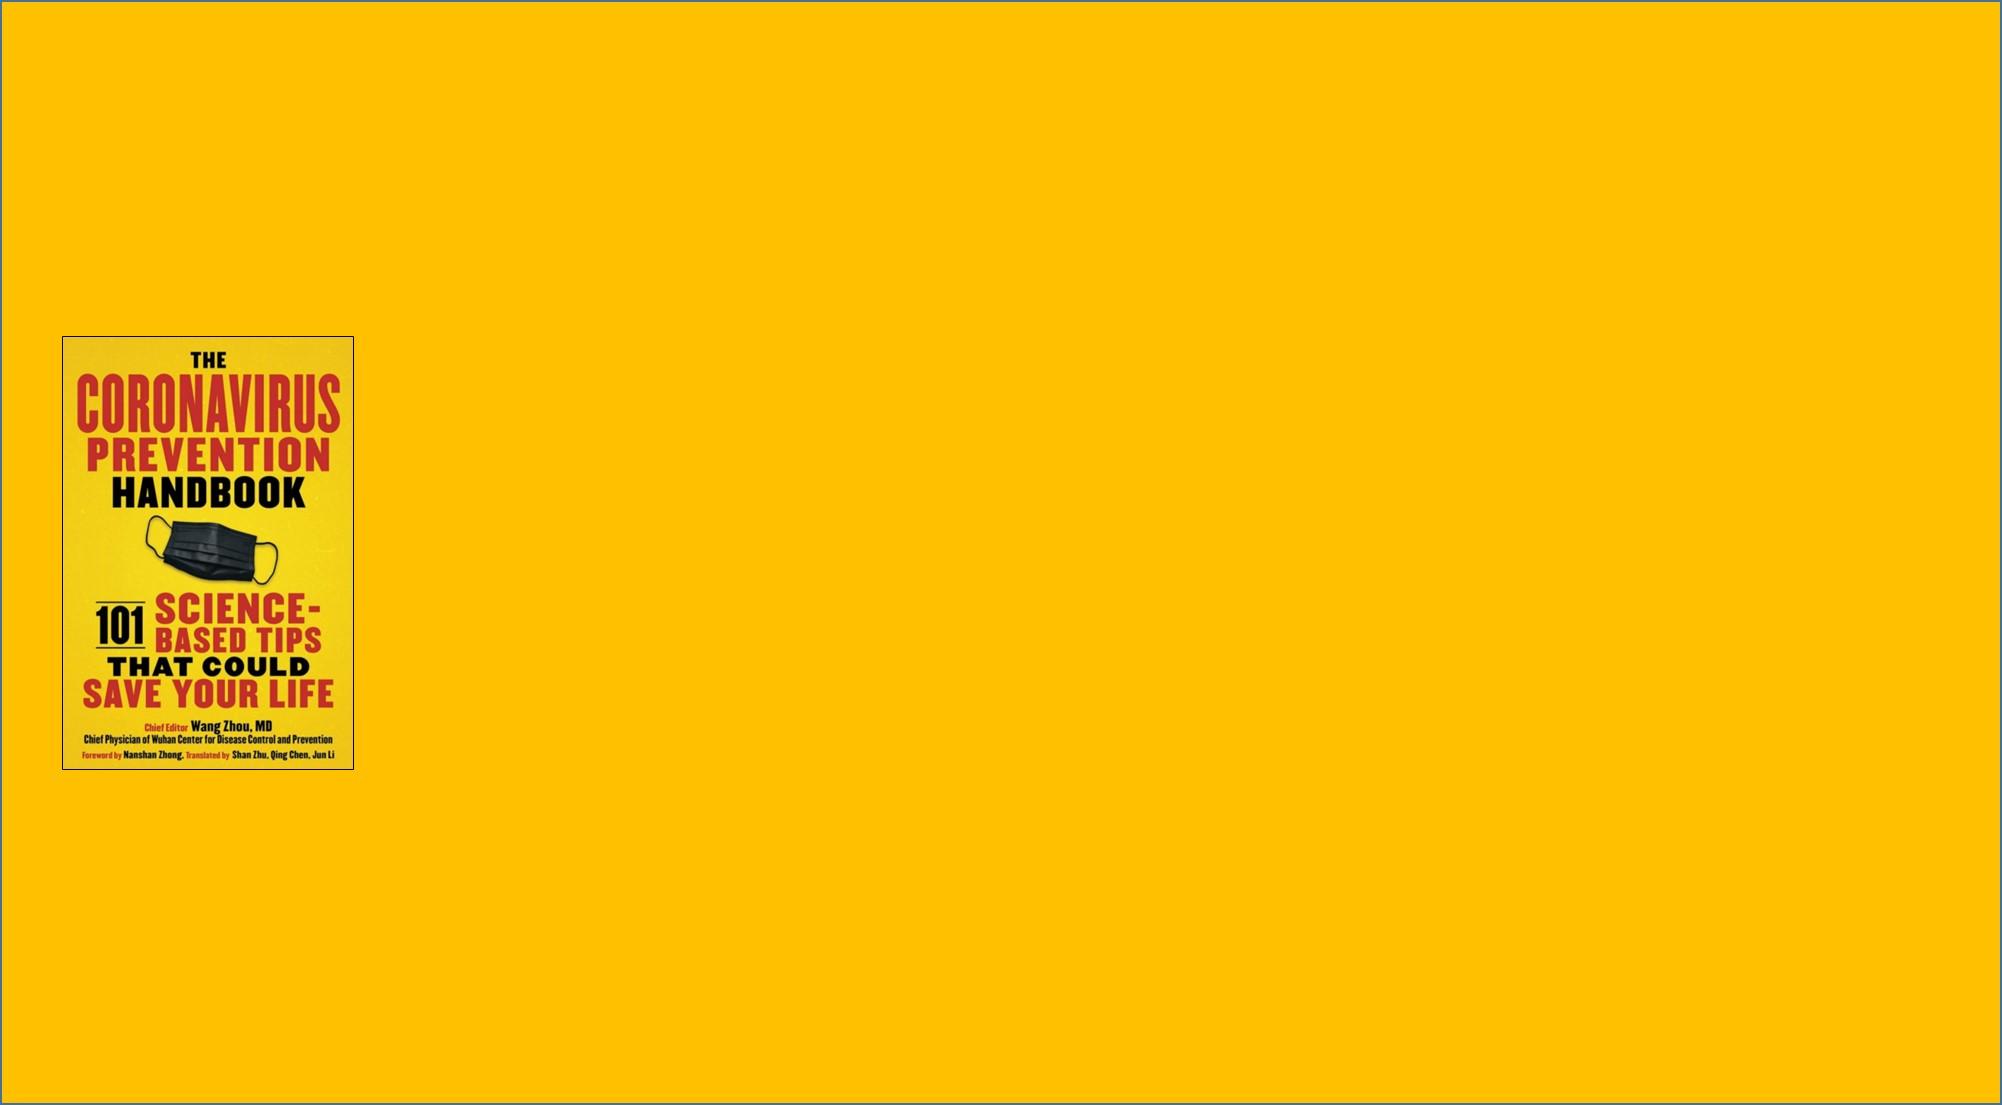 «THE CORONAVIRUS PREVENTION HANDBOOK.<br/>101 SCIENCE-BASED TIPS THAT COULD SAFE YOUR LIFE»<br/><br/>BASADO EN LA EXPERIENCIA DE MÉDICOS DE HUBEI (CHINA)<BR/> TRADUCIDO AL ESPAÑOL